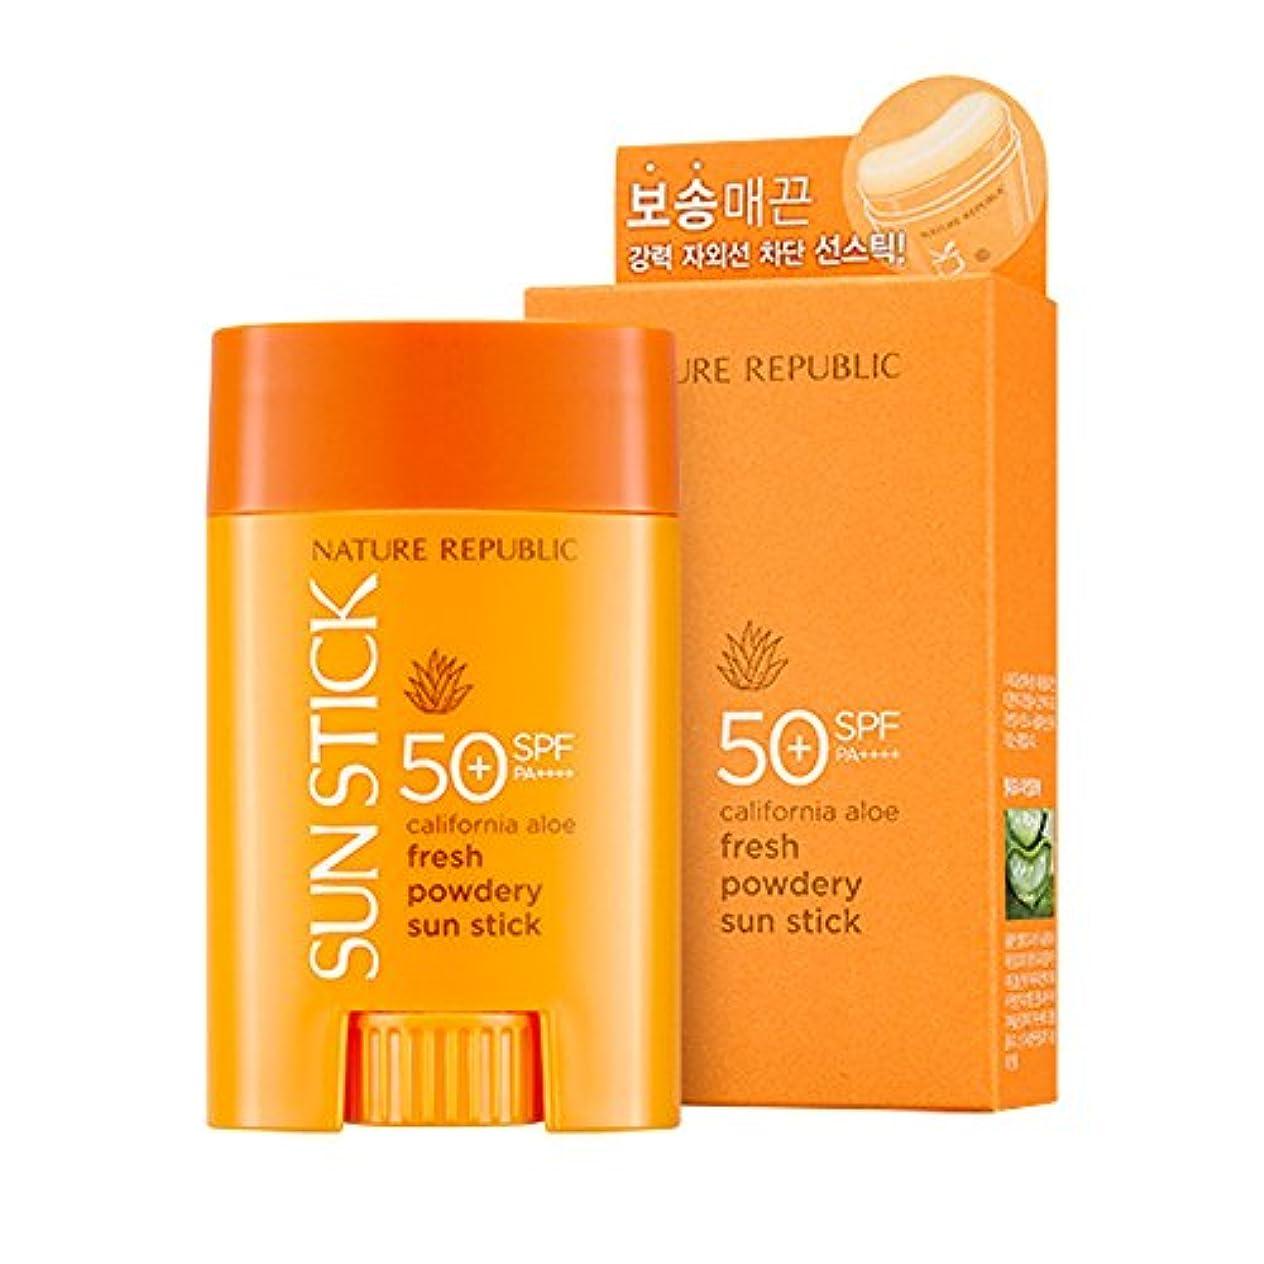 リンクプロフィール責任Nature Republic California Aloe Fresh Powdery Sun Stick SPF50+ PA++++ 22g / 0.77 oz. ネイチャーリパブリック カリフォルニア アロエ フレッシュ...